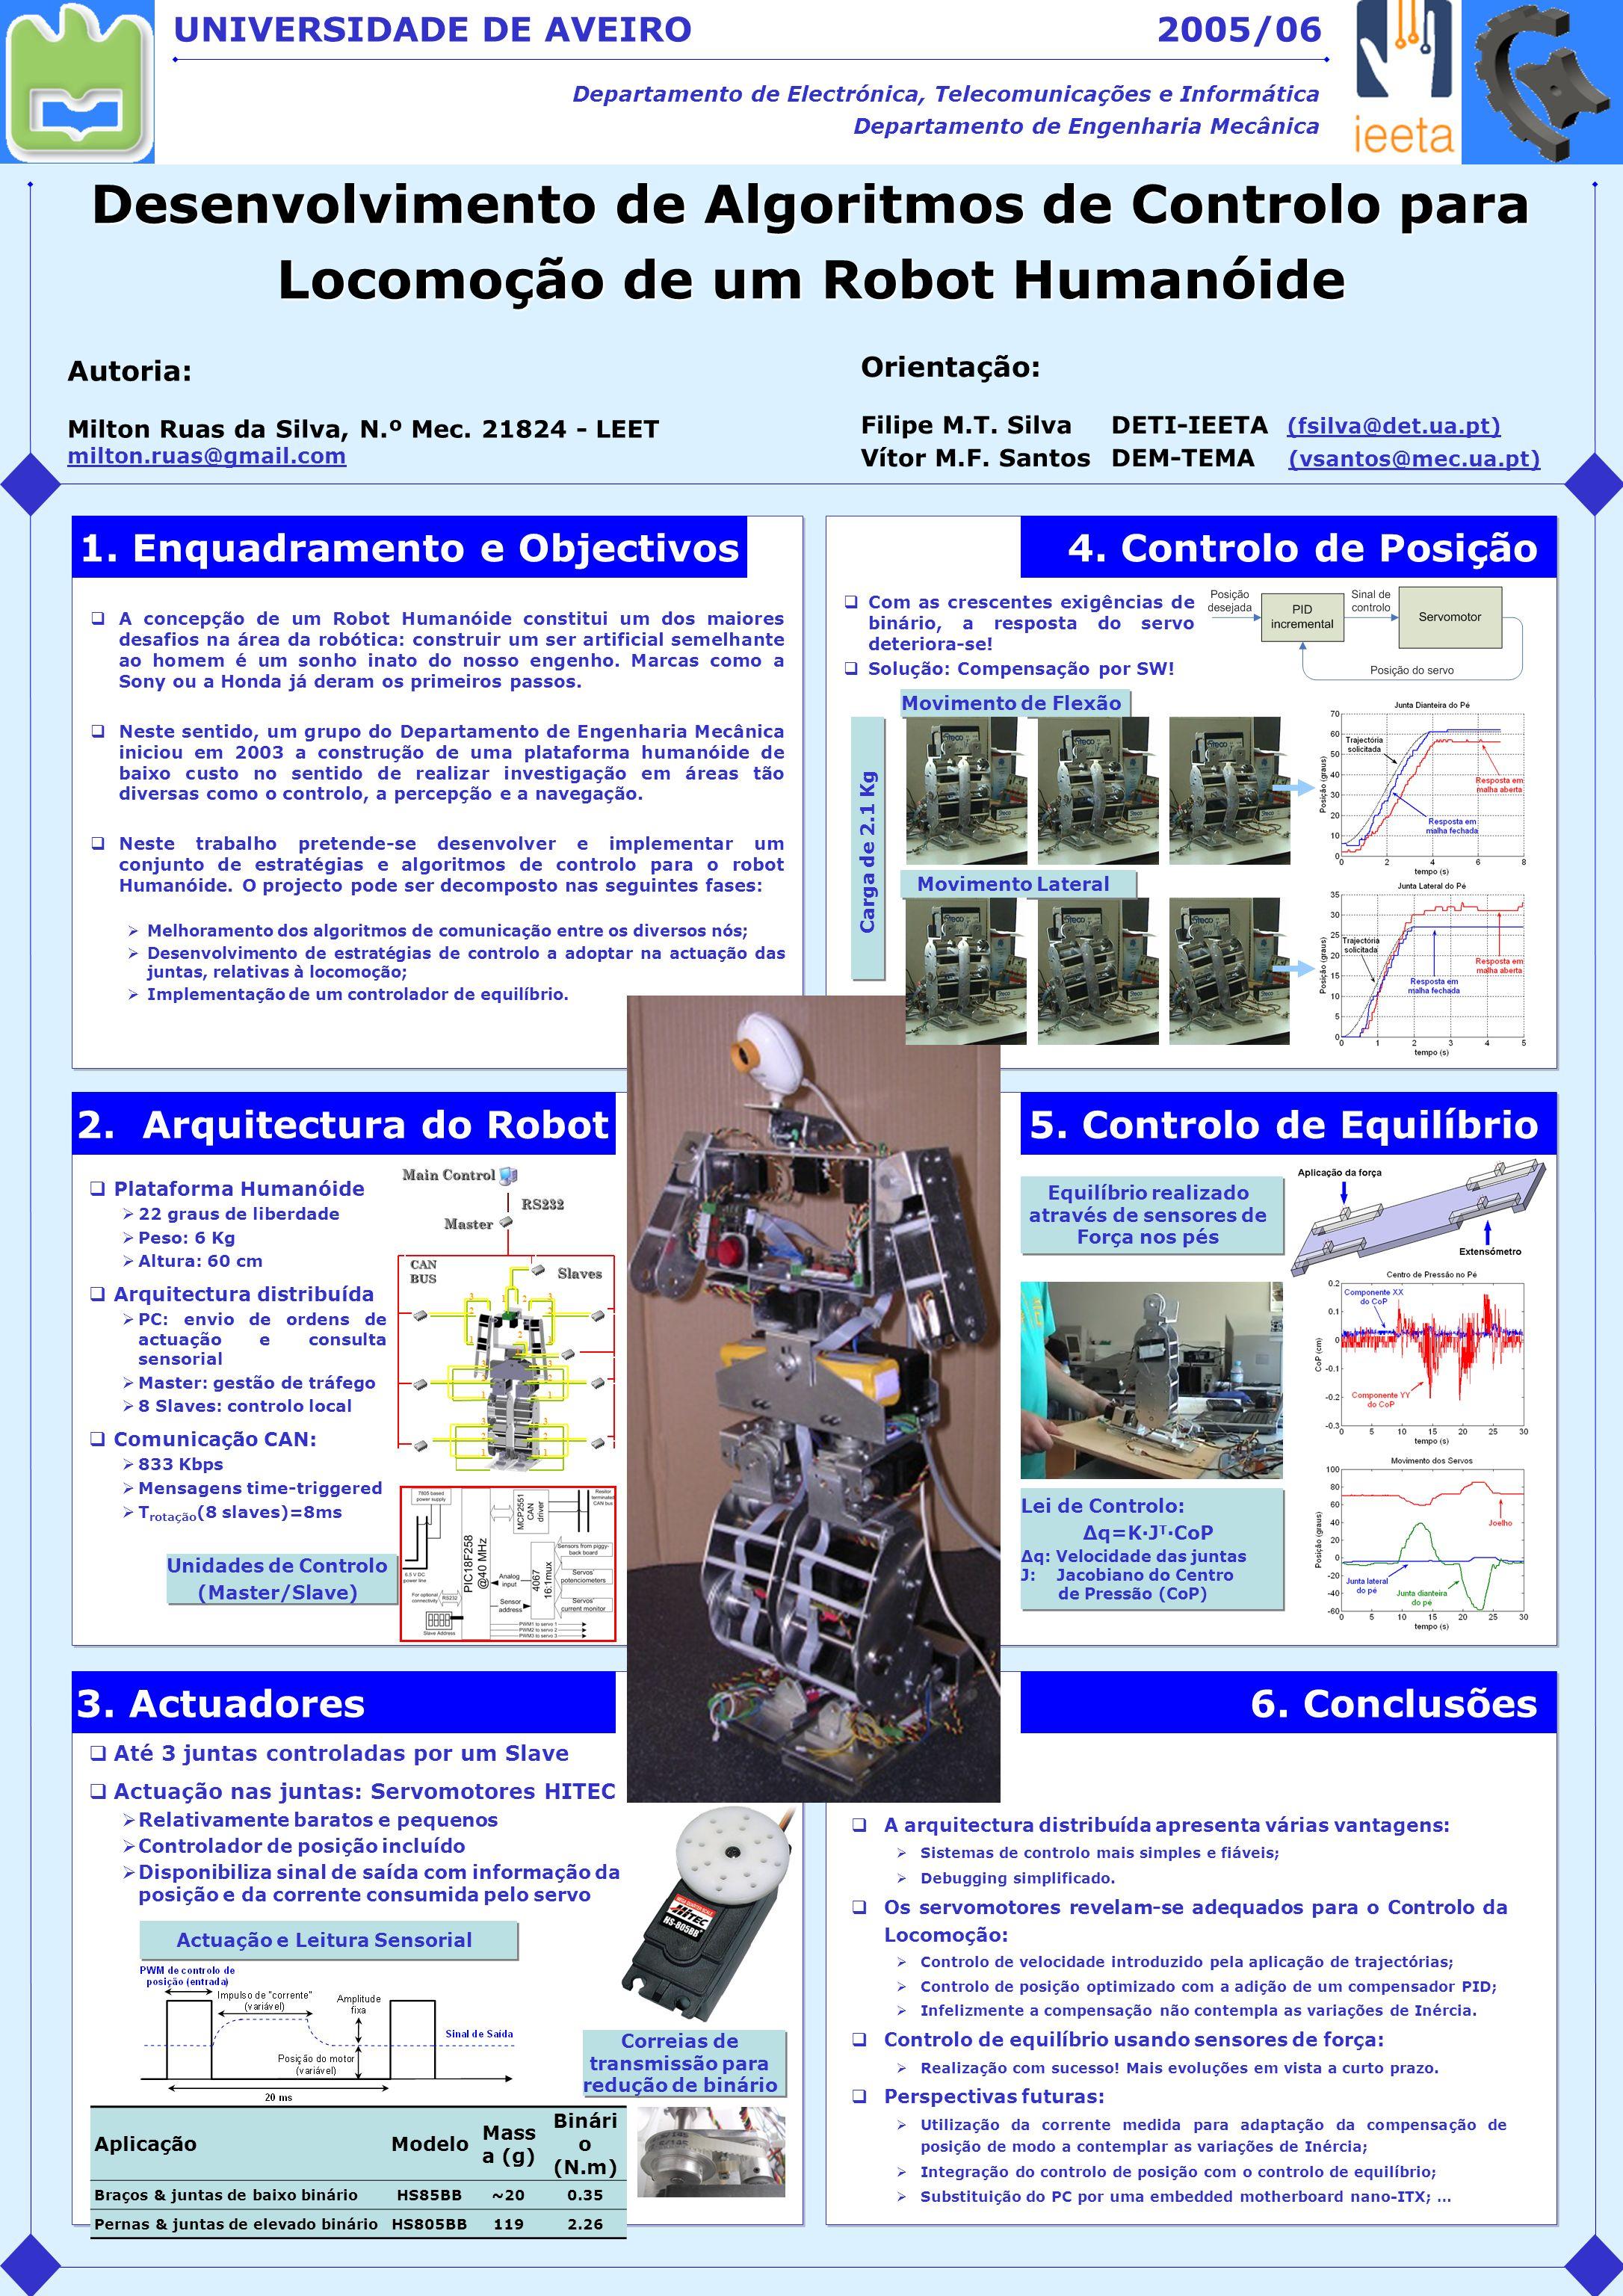 Desenvolvimento de Algoritmos de Controlo para Locomoção de um Robot Humanóide UNIVERSIDADE DE AVEIRO Departamento de Electrónica, Telecomunicações e